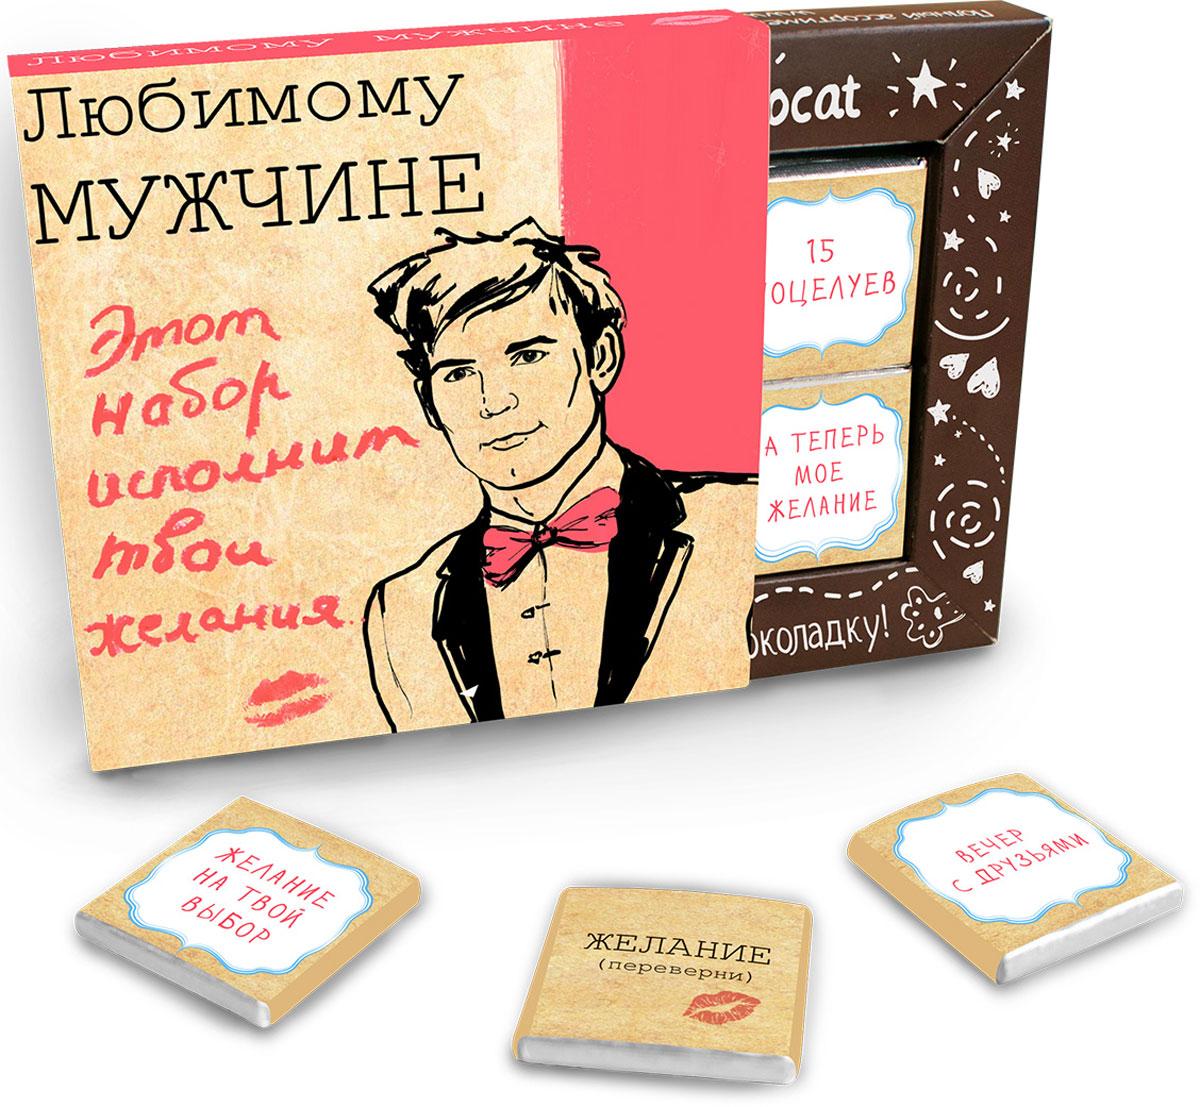 Chokocat Любимому Мужчине молочный шоколад, 60 г chokocat спасибо молочный шоколад 60 г